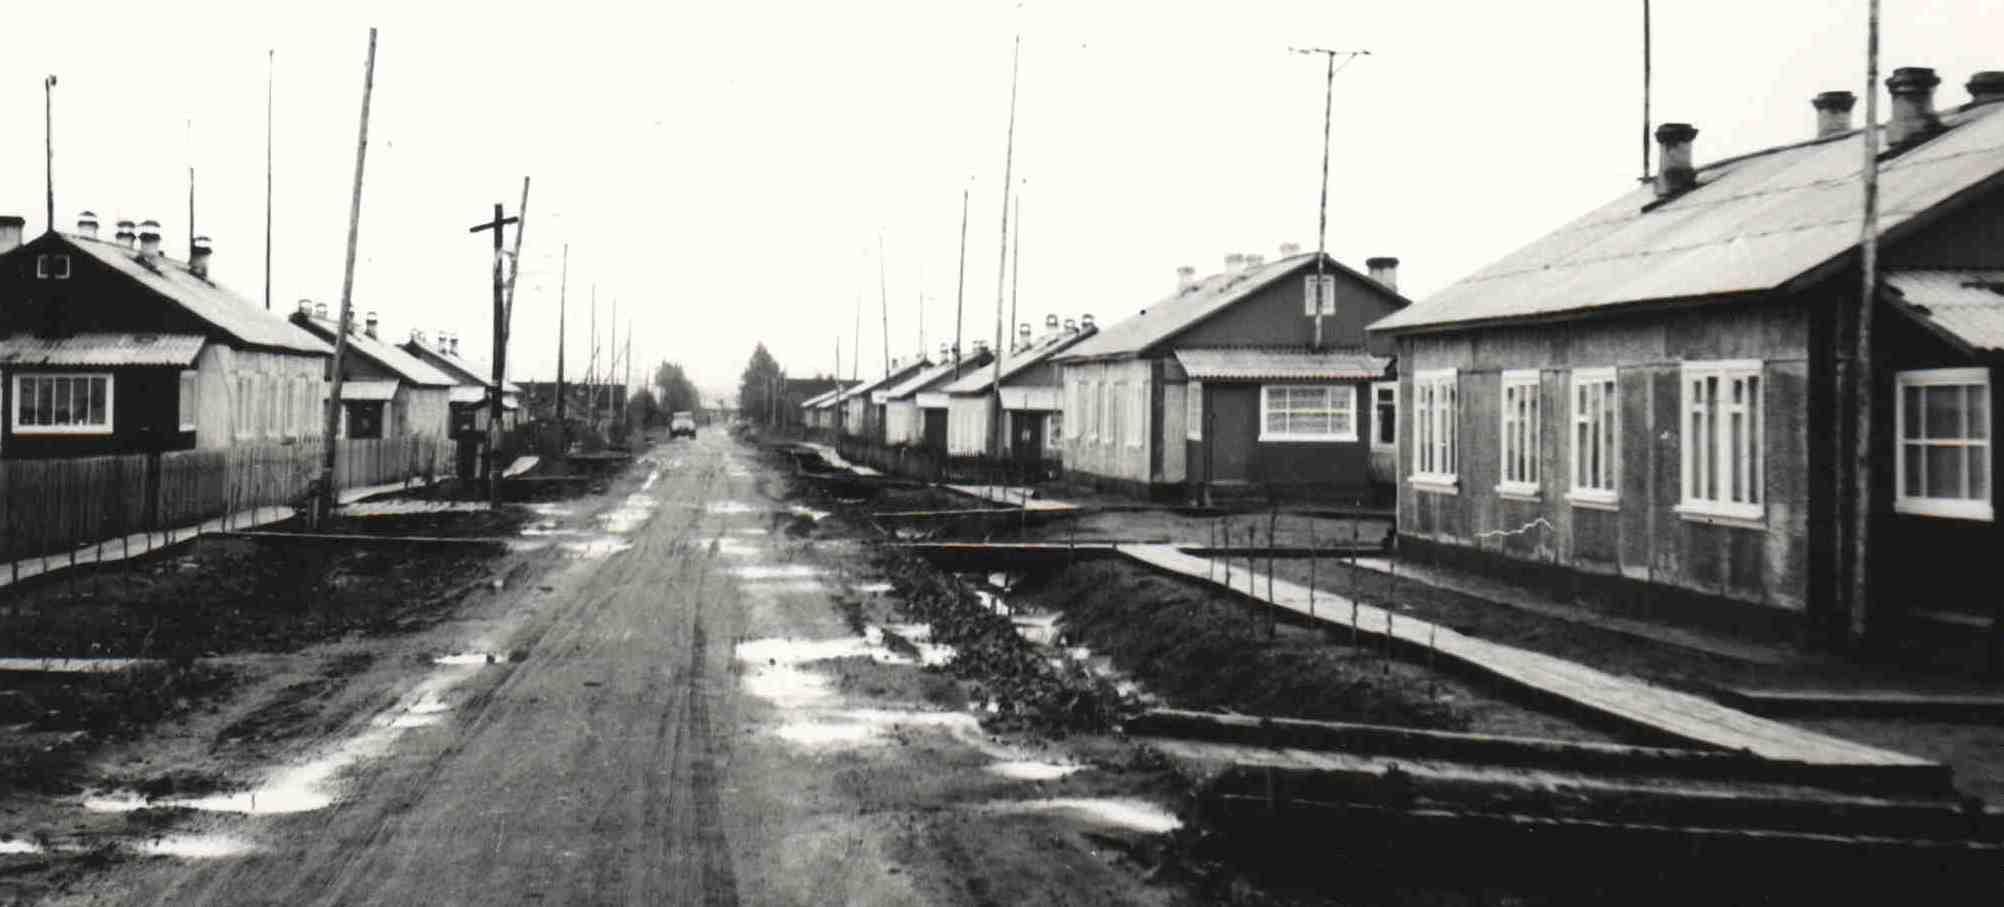 1977-78, п.Урдома, ул.Строителей, Стройучастком (рук.В.А.Гардт) построено около 10-ти 2-квартирных арболитовых домов. Вид улицы со стороны СЖД. (5)